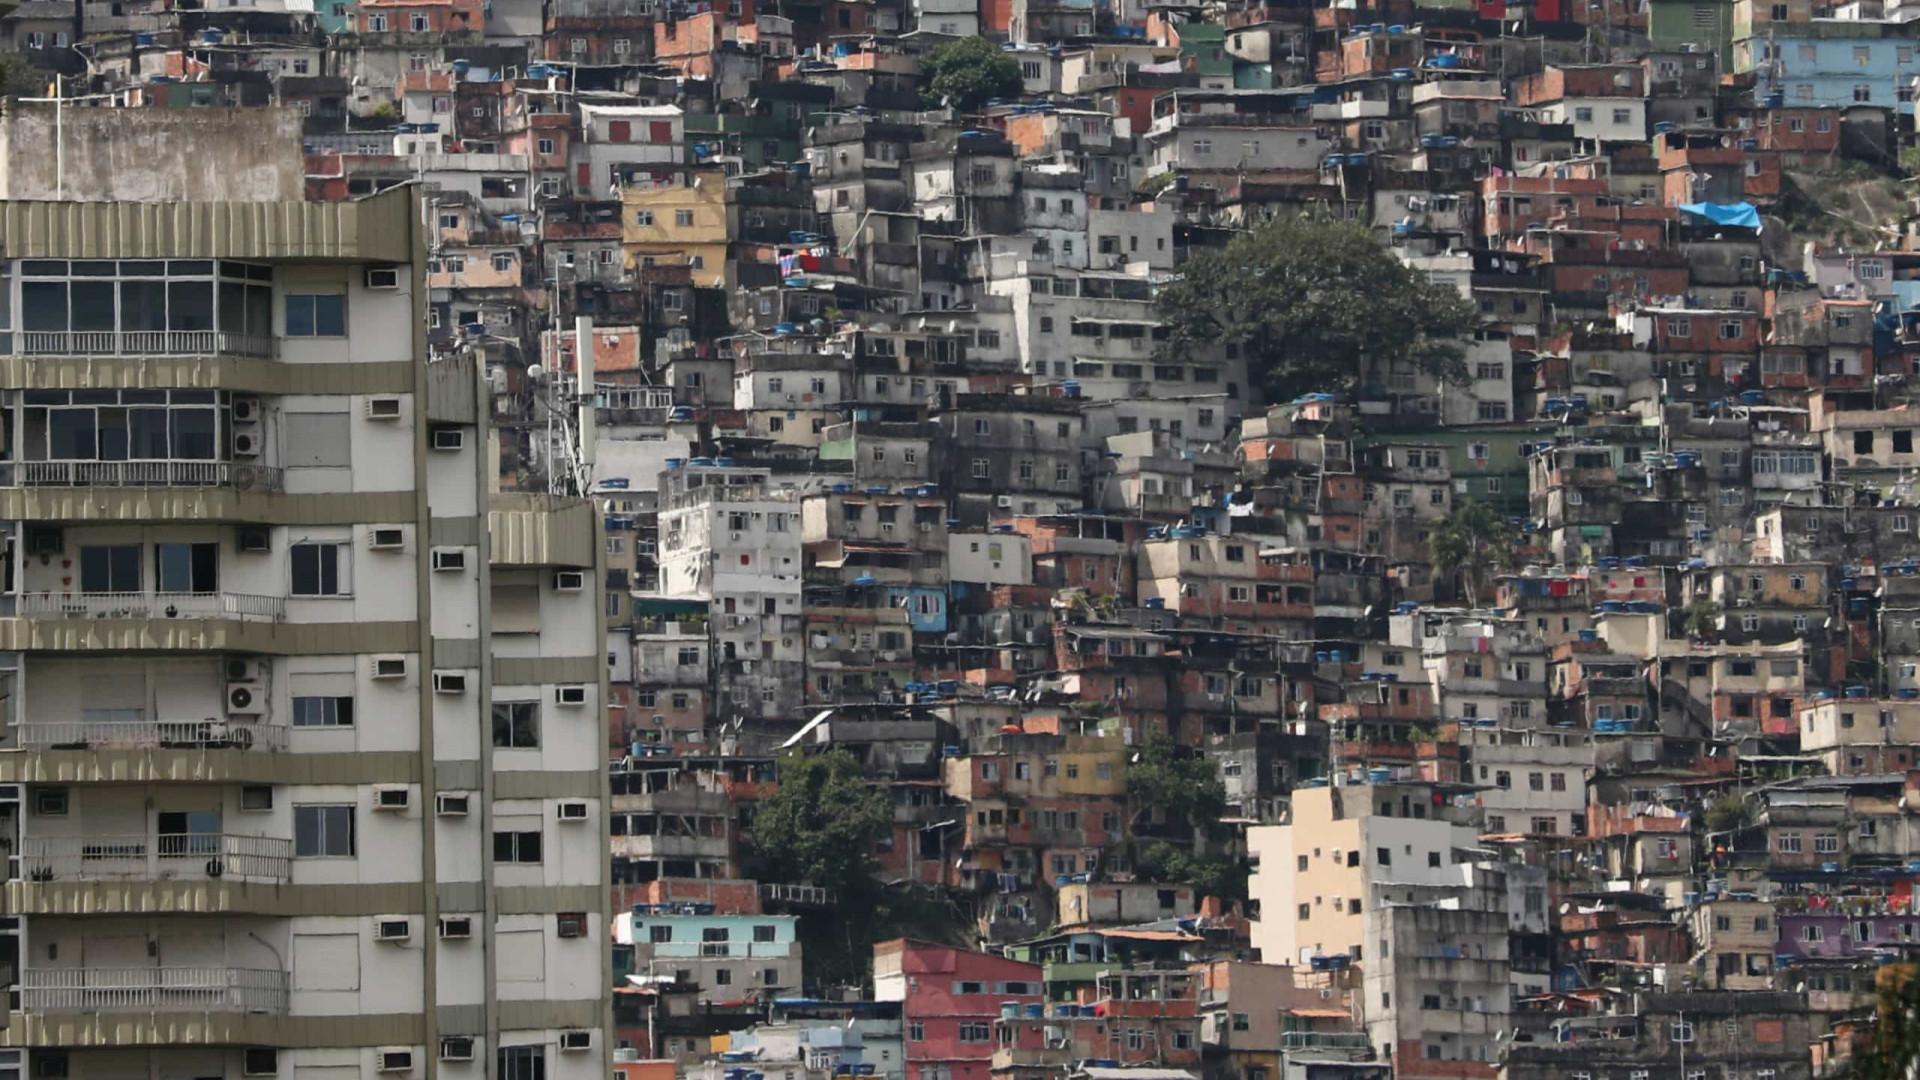 Preso no Rio líder do Comando Vermelho acusado de mais de 30 homicídios